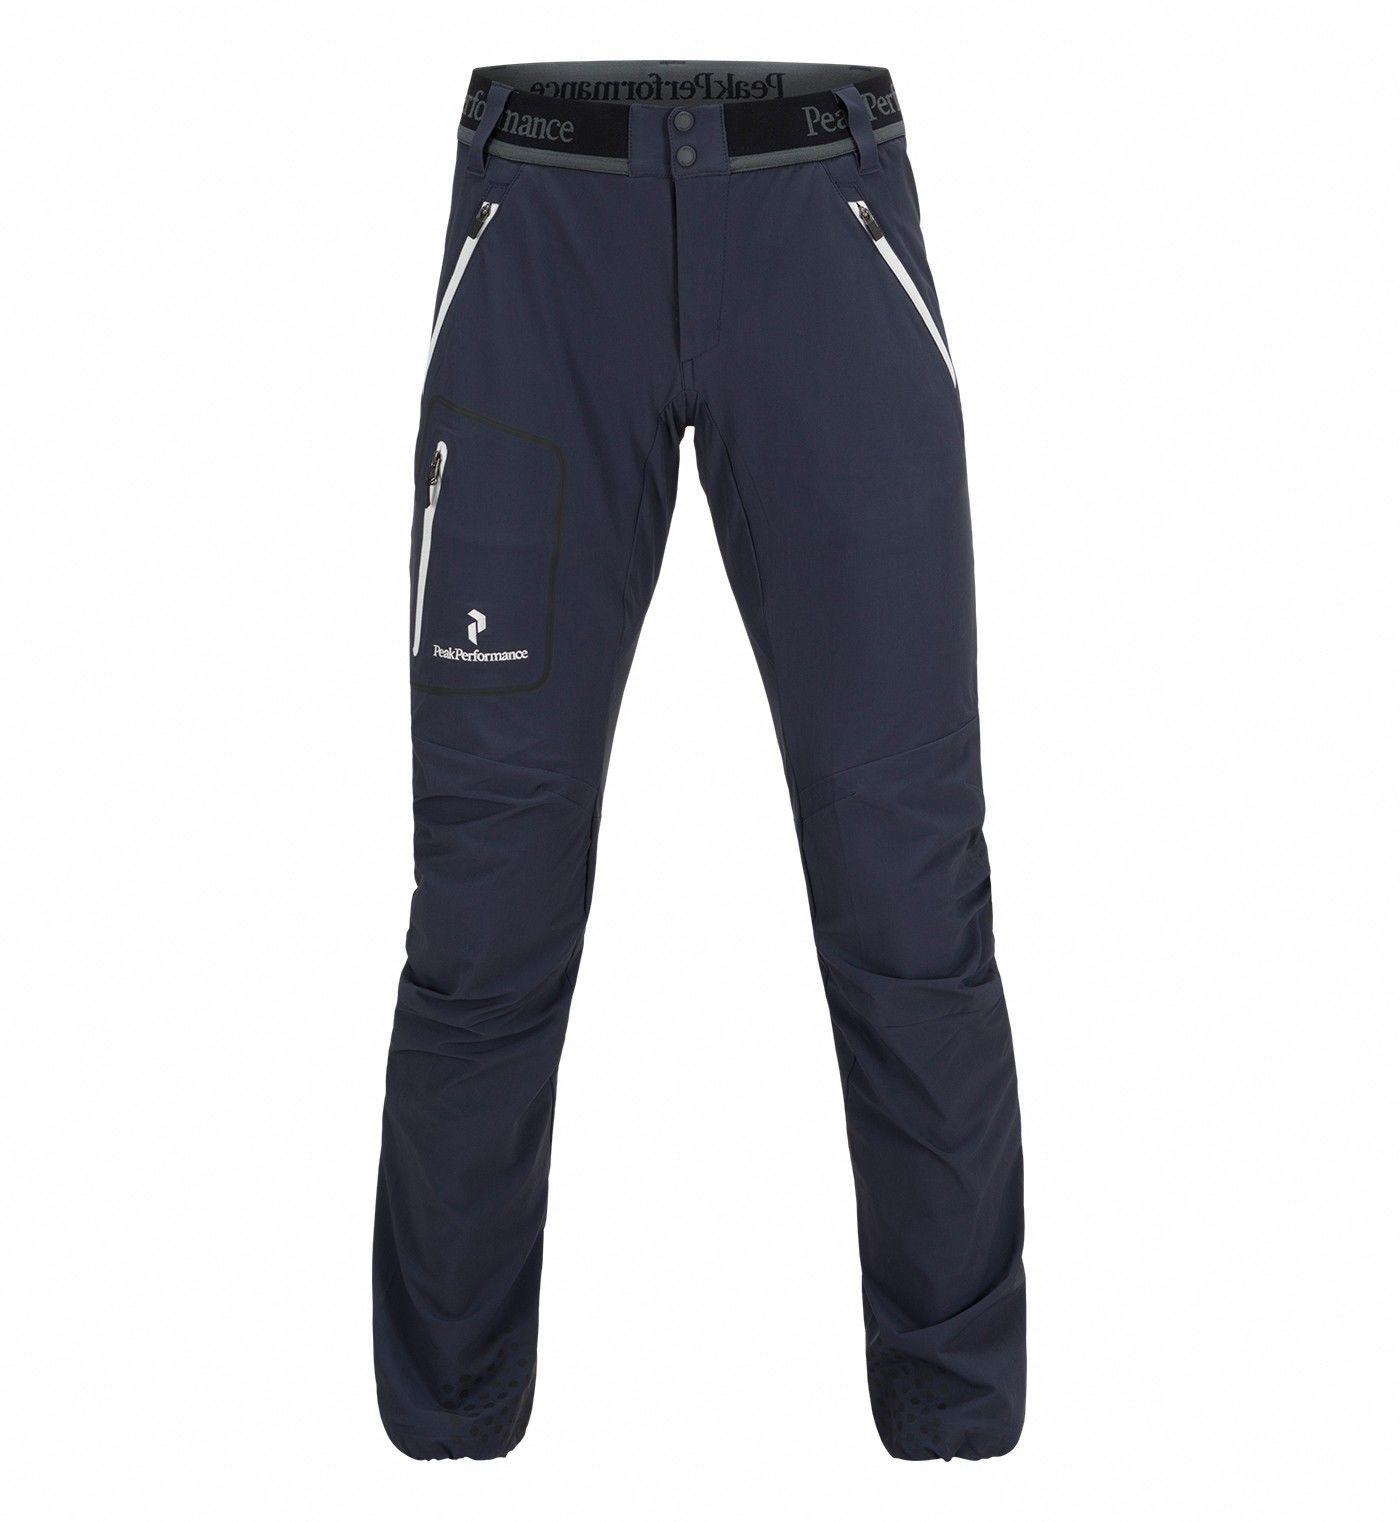 Peak Performance Black Light Lite Softshell Pants Blau, Female Hose, L